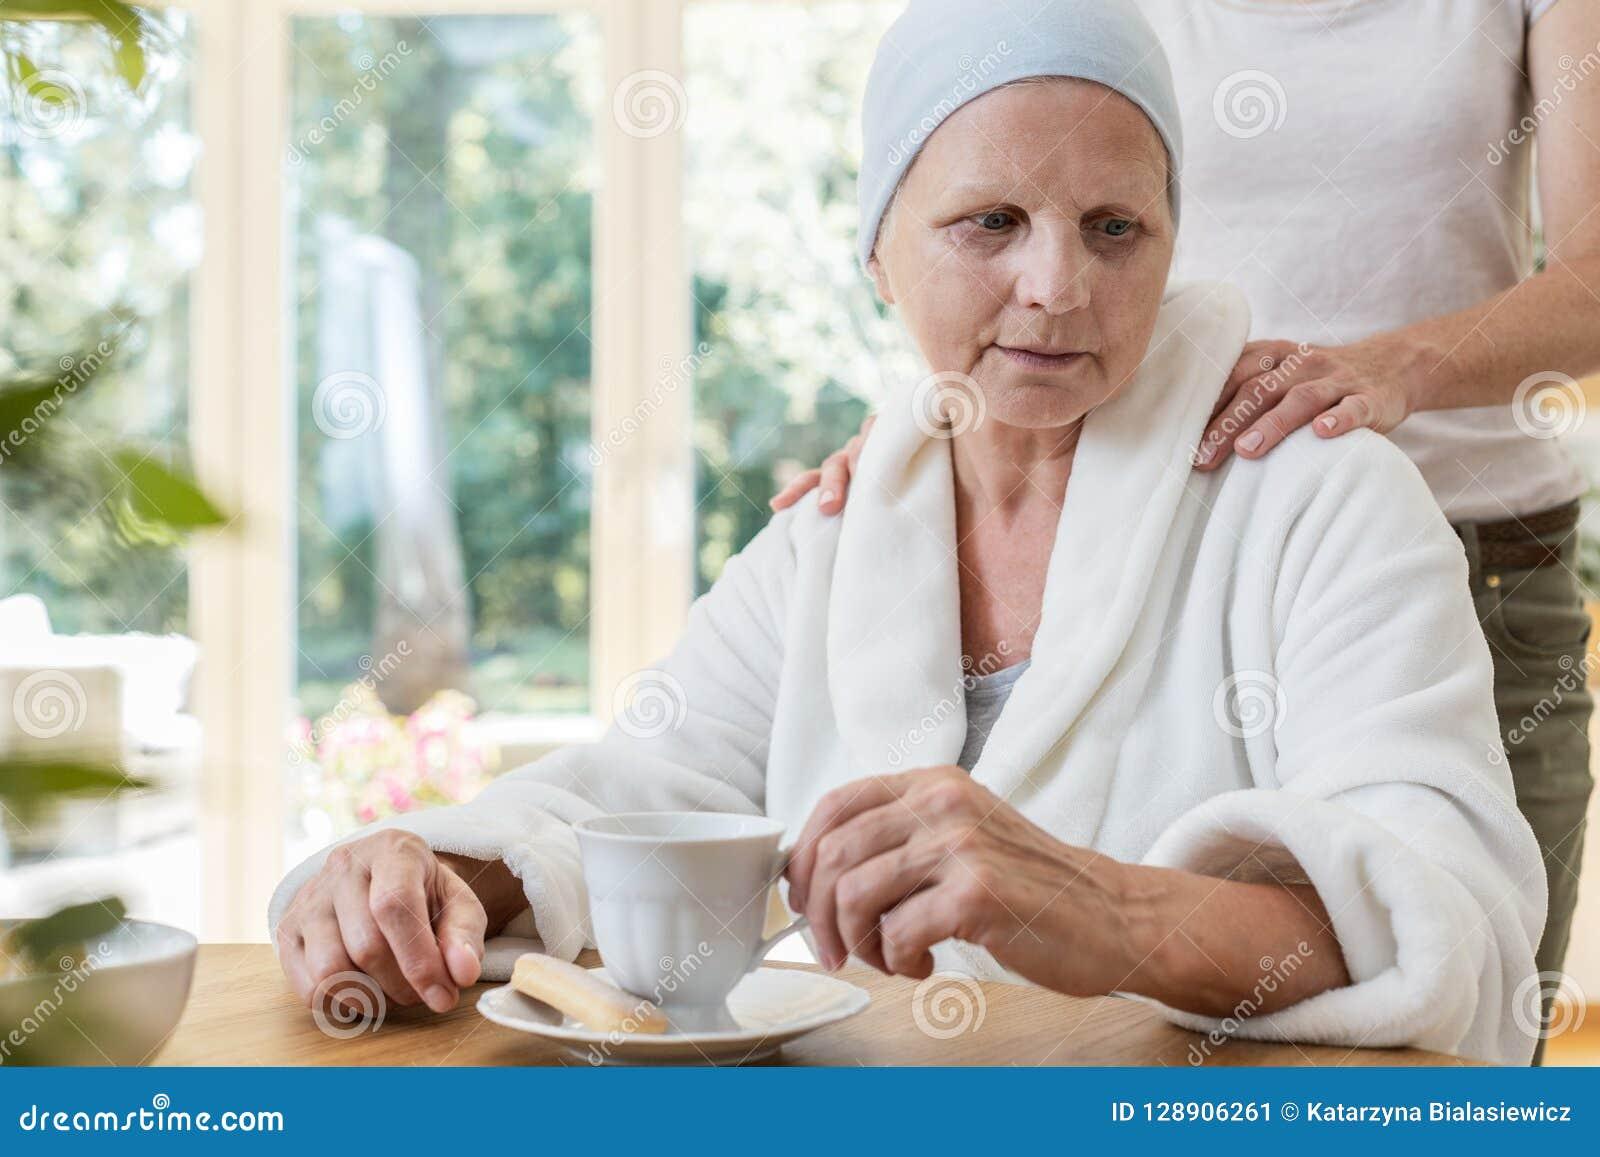 Familielid ondersteunend ziek bejaarde met kanker